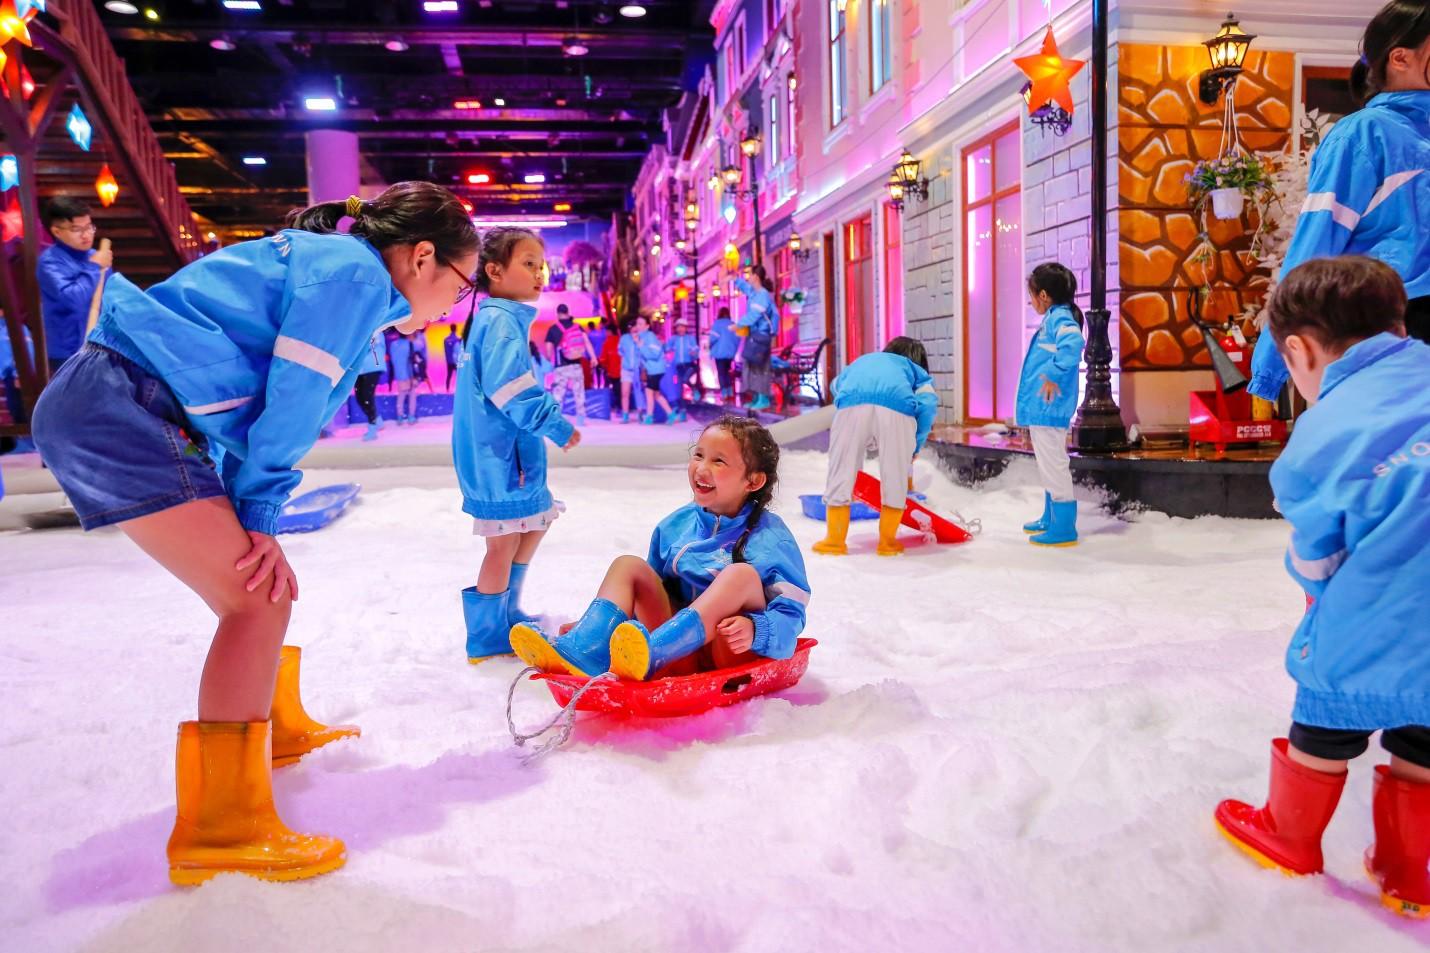 Cơ hội đi Đà Lạt miễn phí khi chụp ảnh tại Snow Town - Ảnh 8.